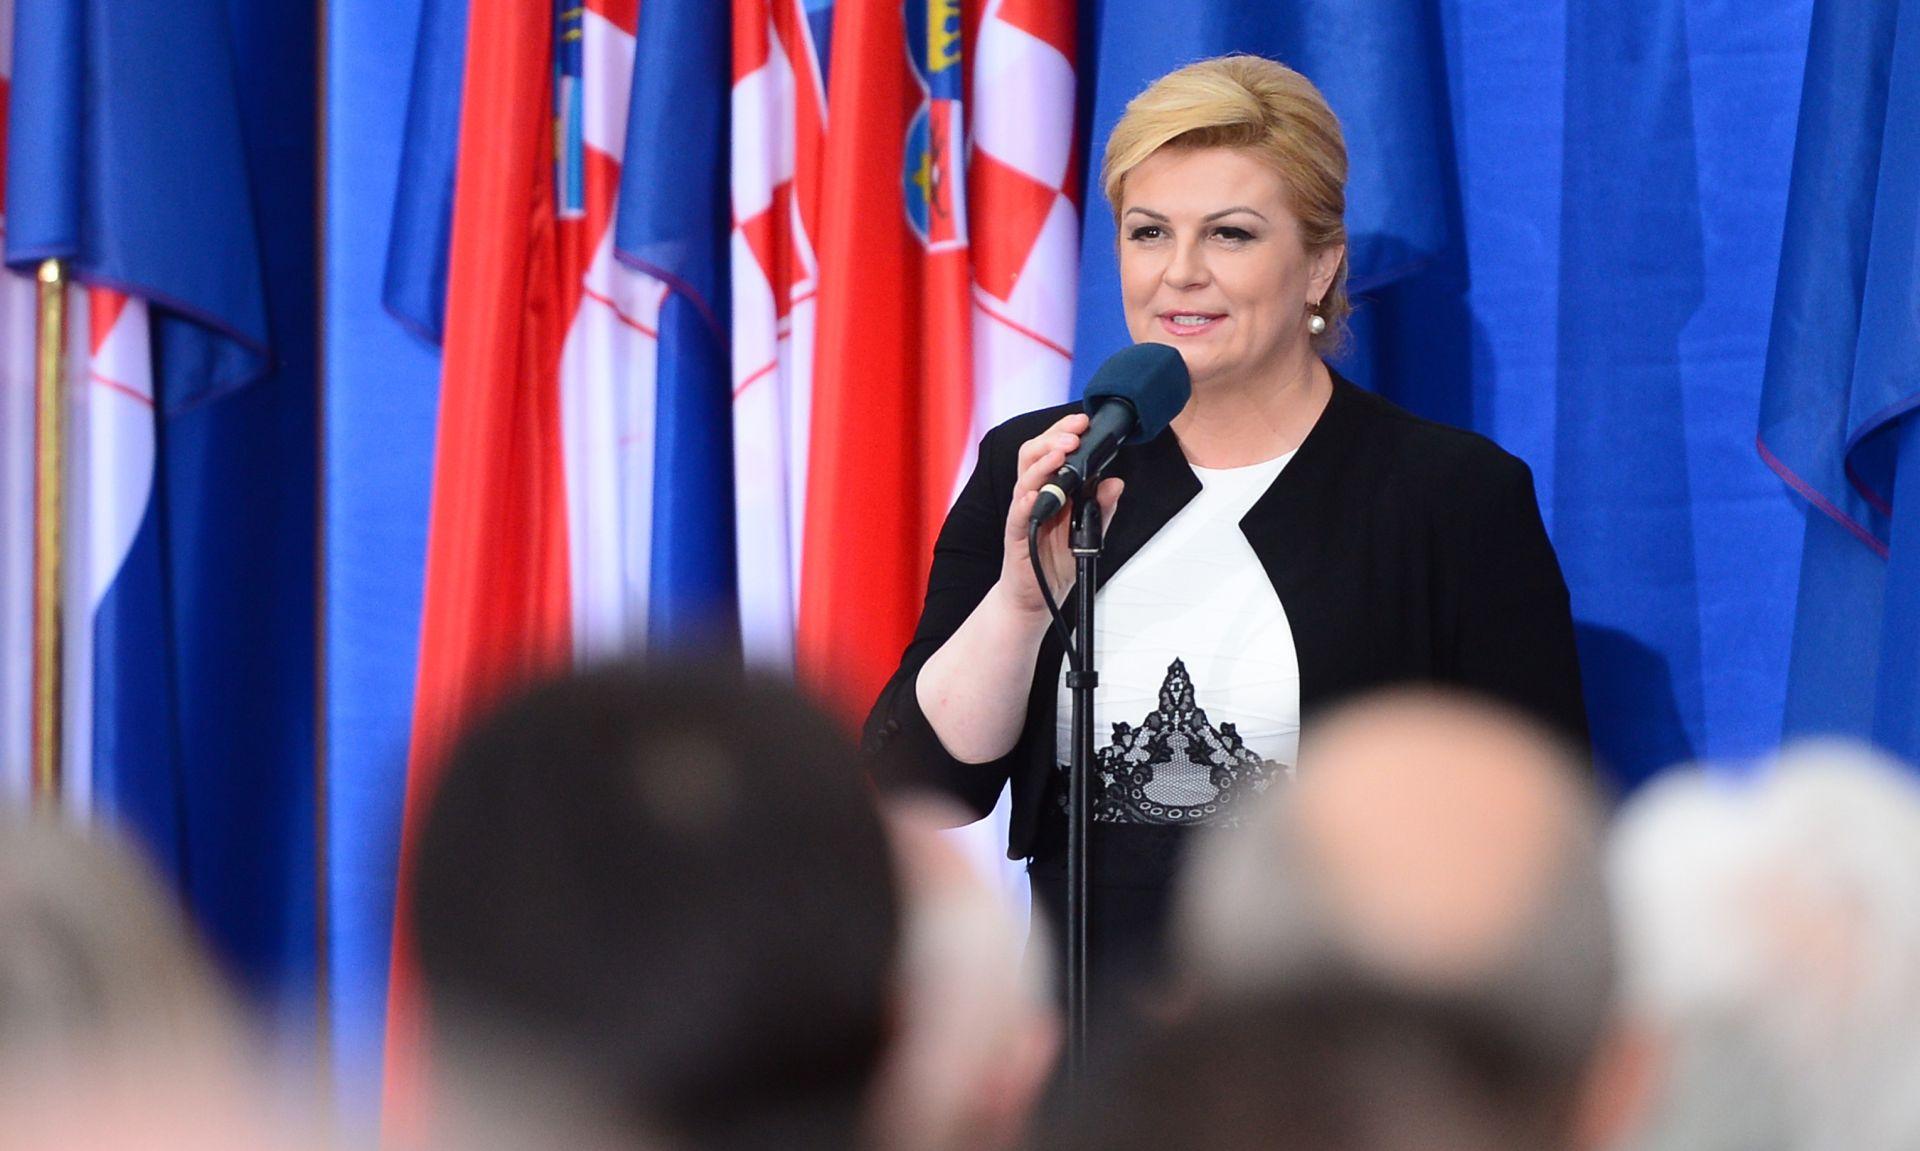 GRABAR KITAROVIĆ: Ponašanje Srbije je neobično, kao i objavljivanje vijesti o uhićenju u Beogradu